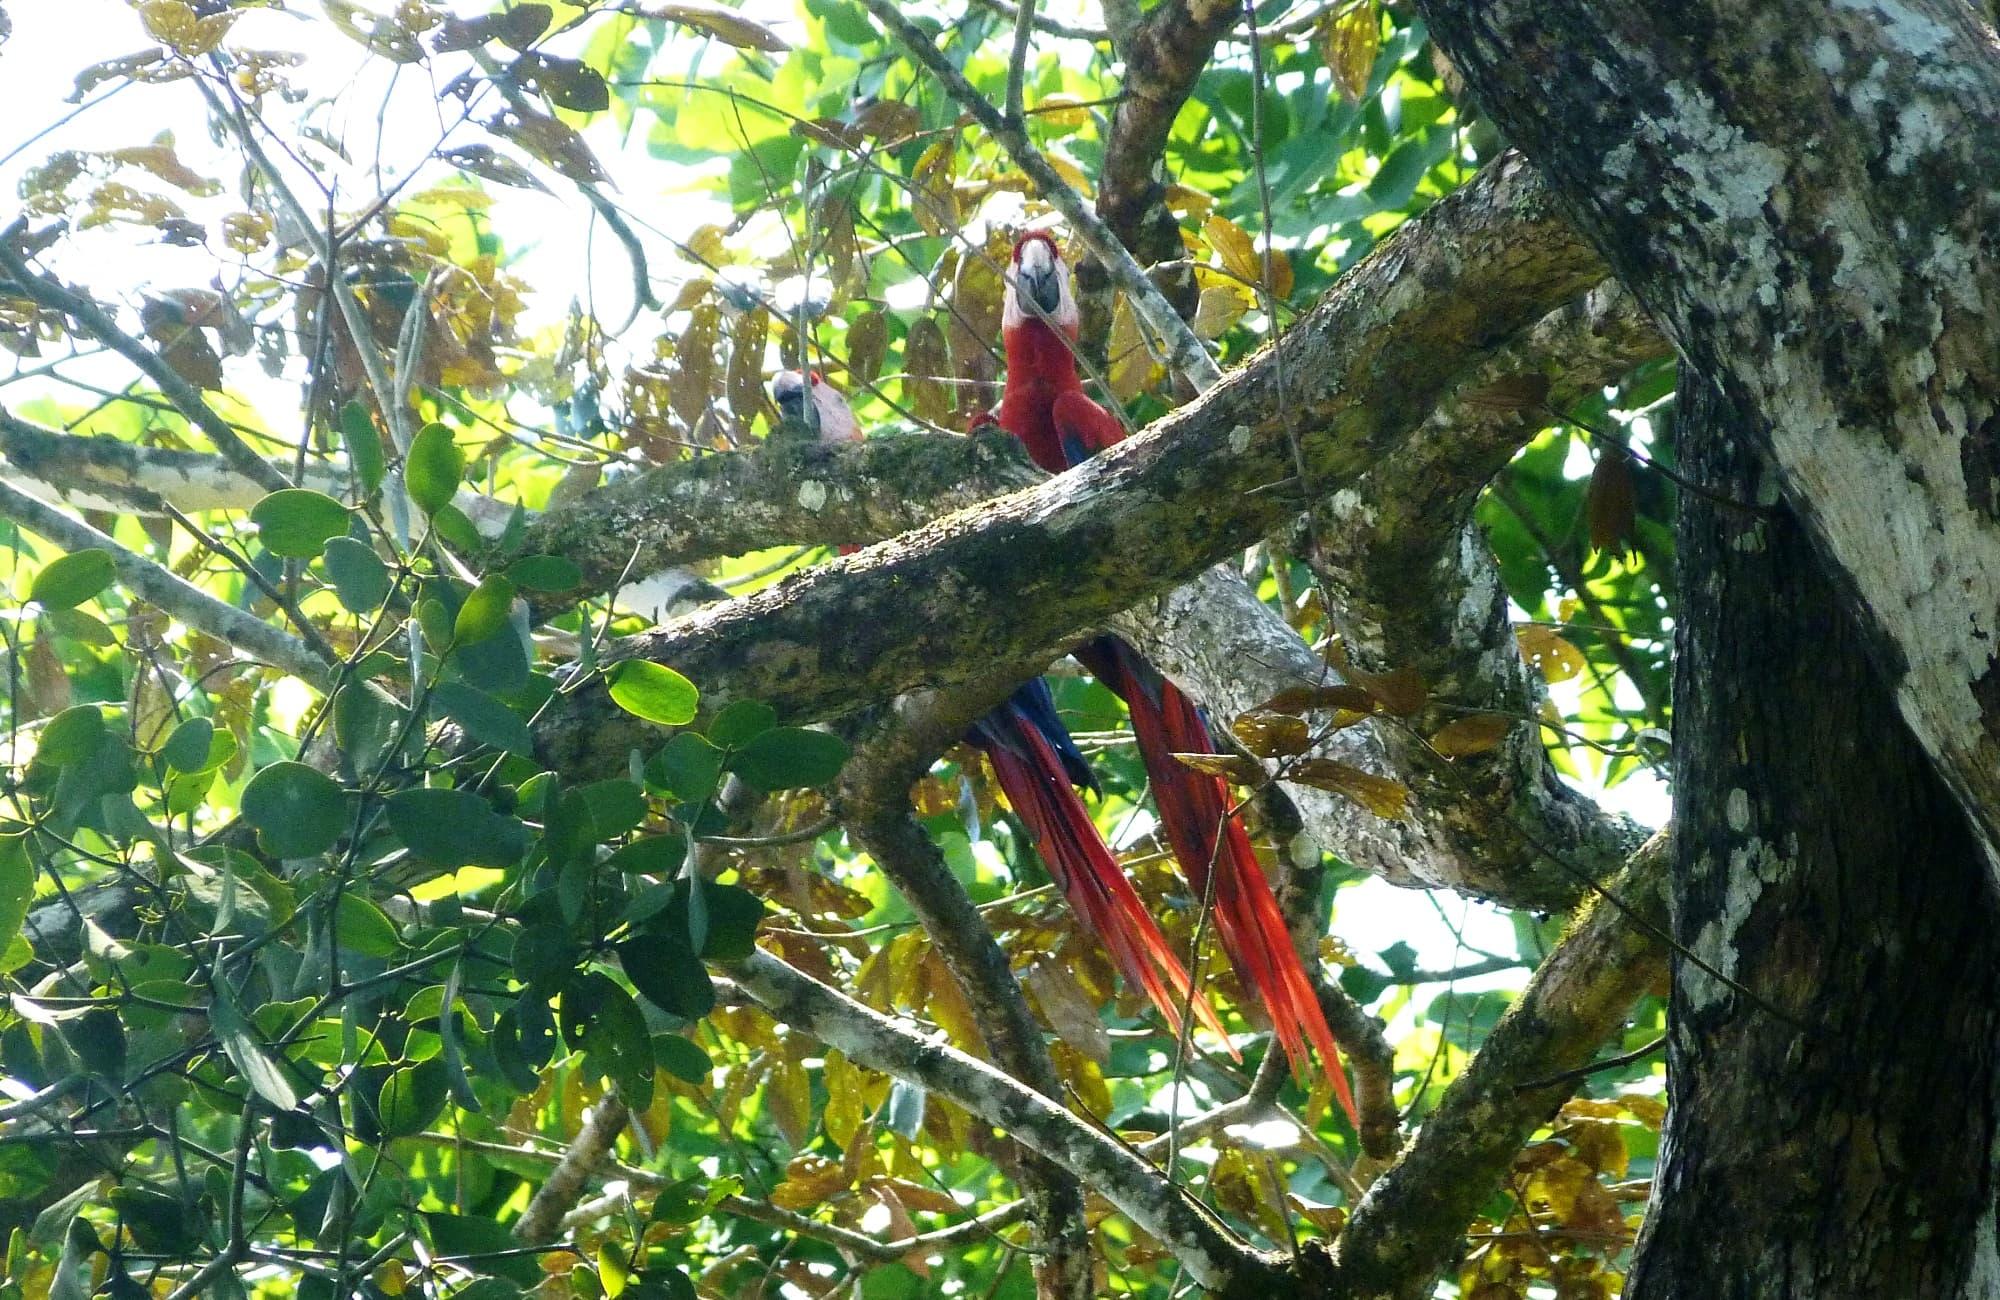 deux adorables perroquets cachés dans les feuillages